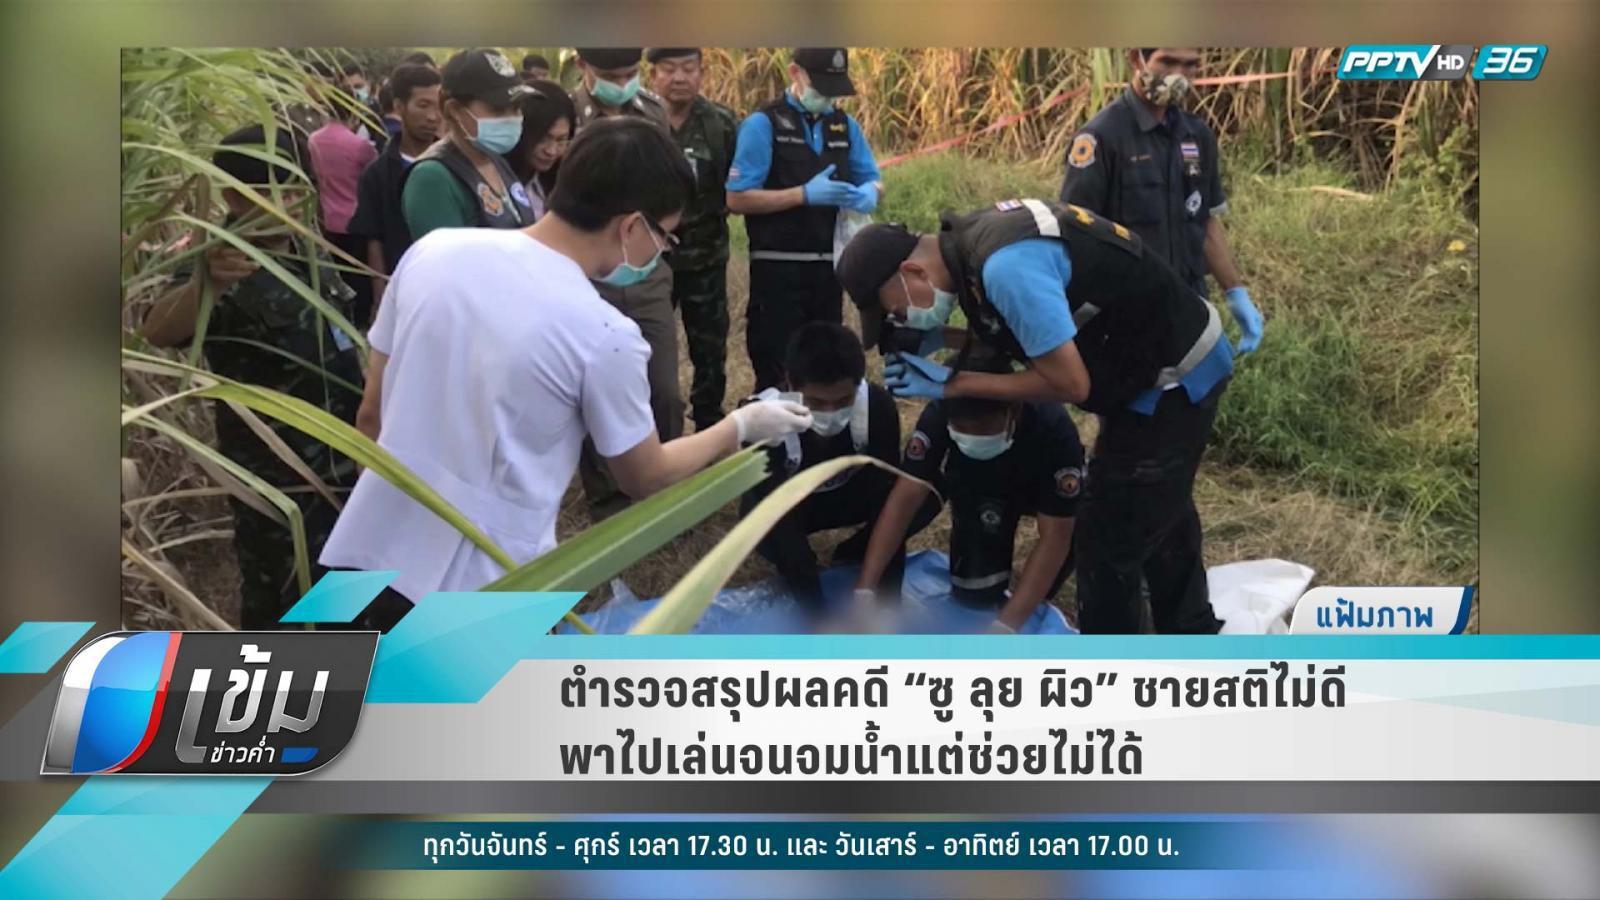 """ตำรวจสรุปผลคดี """"ซู ลุย ผิว"""" ชายสติไม่ดีพาไปเล่นจนจมน้ำแต่ช่วยไม่ได้"""